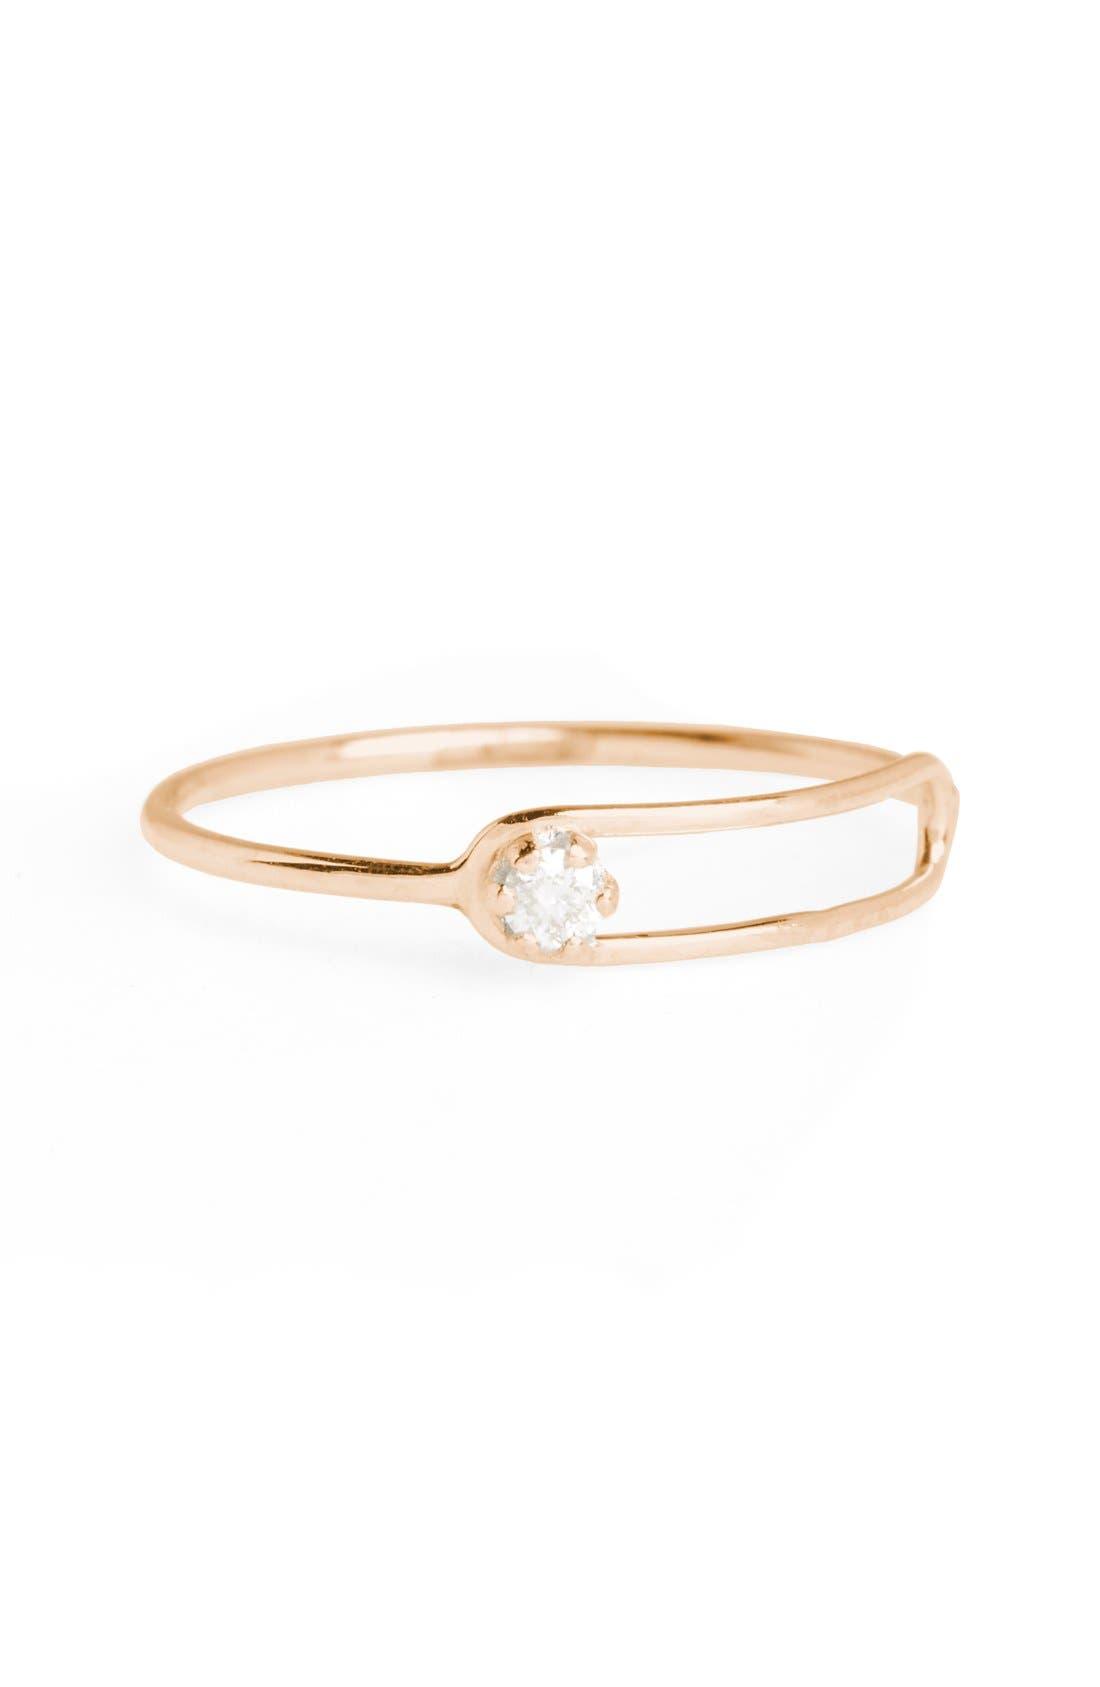 Main Image - SARAH & SEBASTIAN Nimbus Diamond Oblong Ring